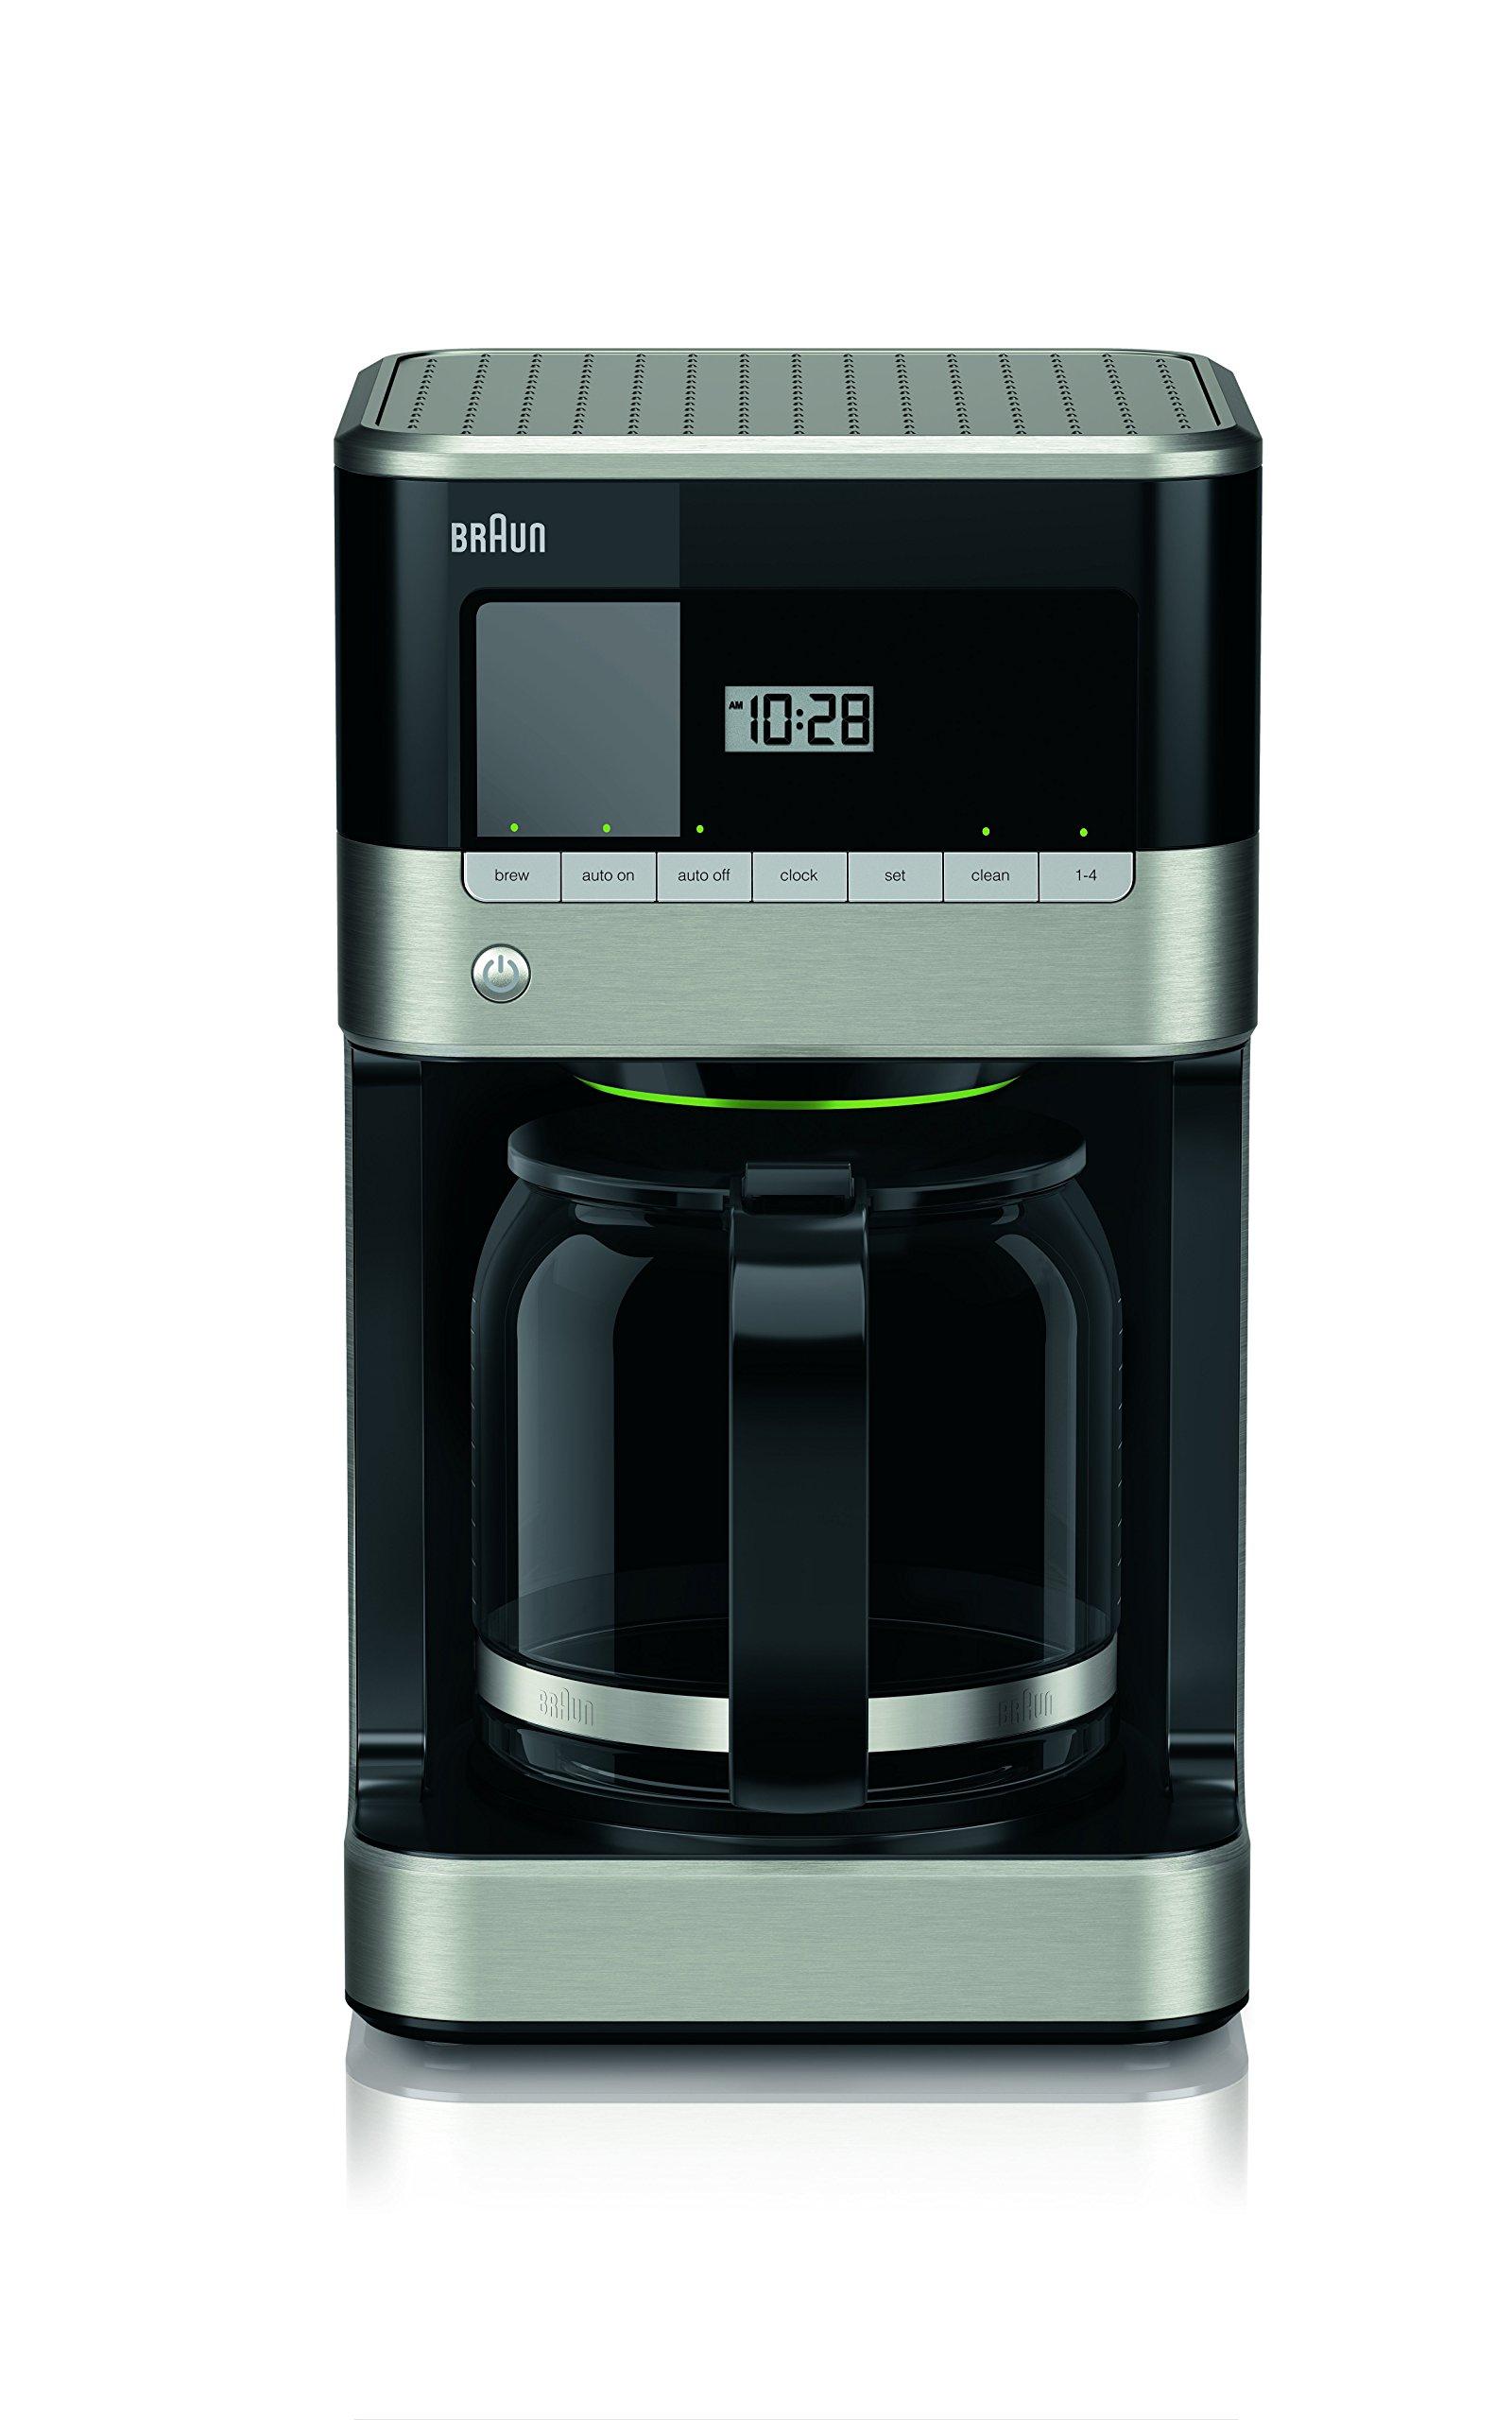 Braun KF6050BK Brewsense Drip Coffee Maker, 12-Cup (Black)